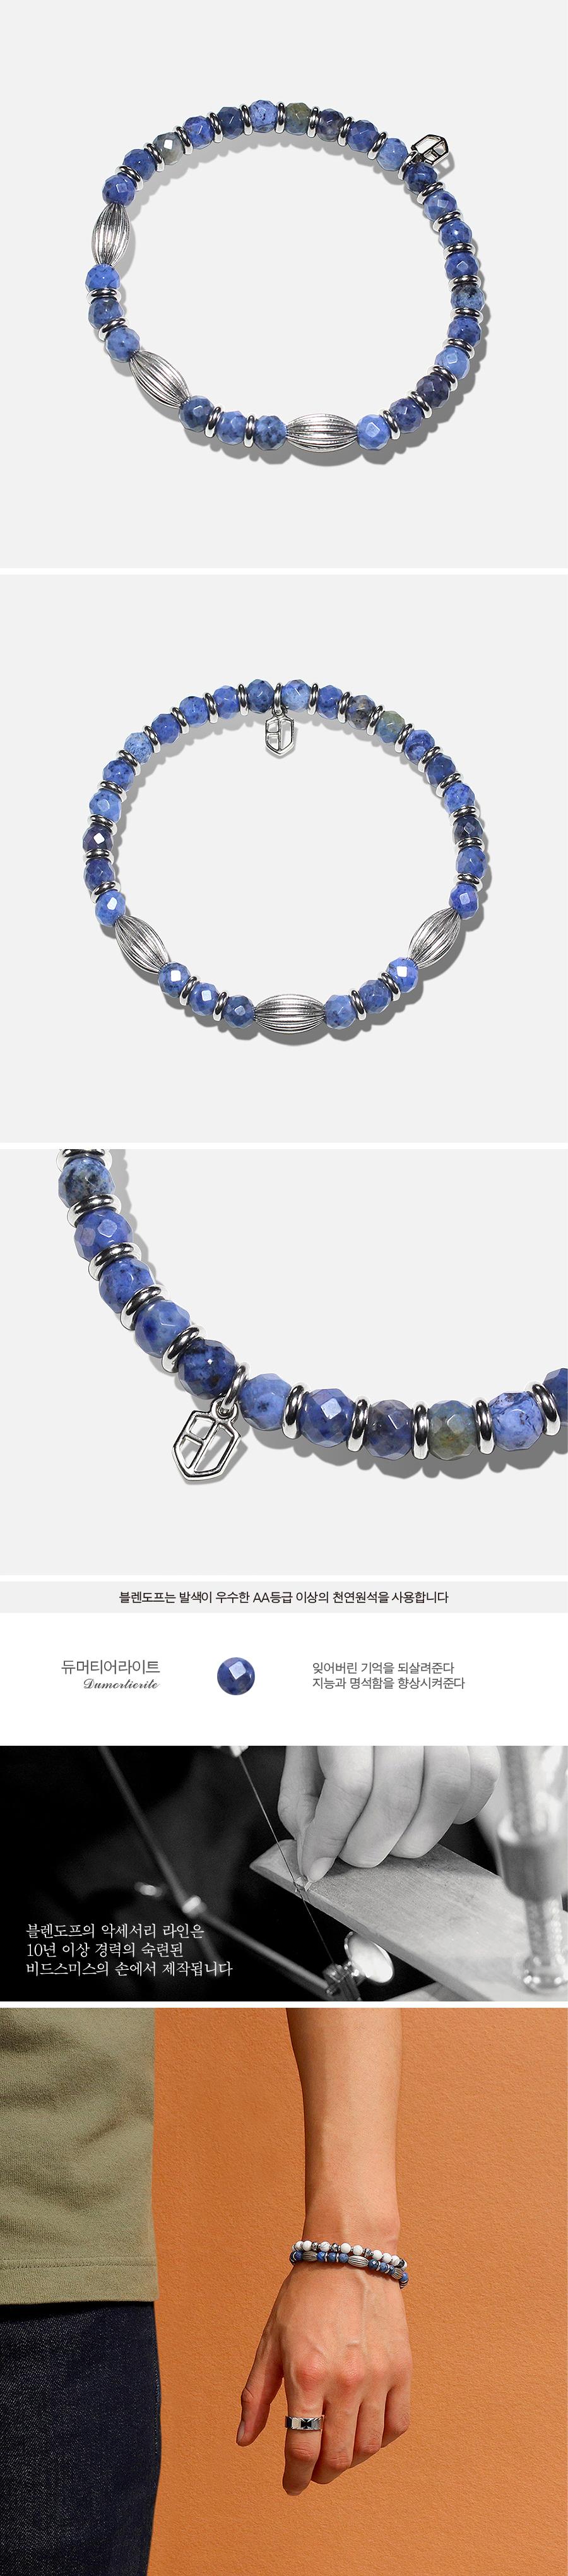 블렌도프(BLENDOFF) Corrugate Beads Bracelet [6mm Dumortierite]